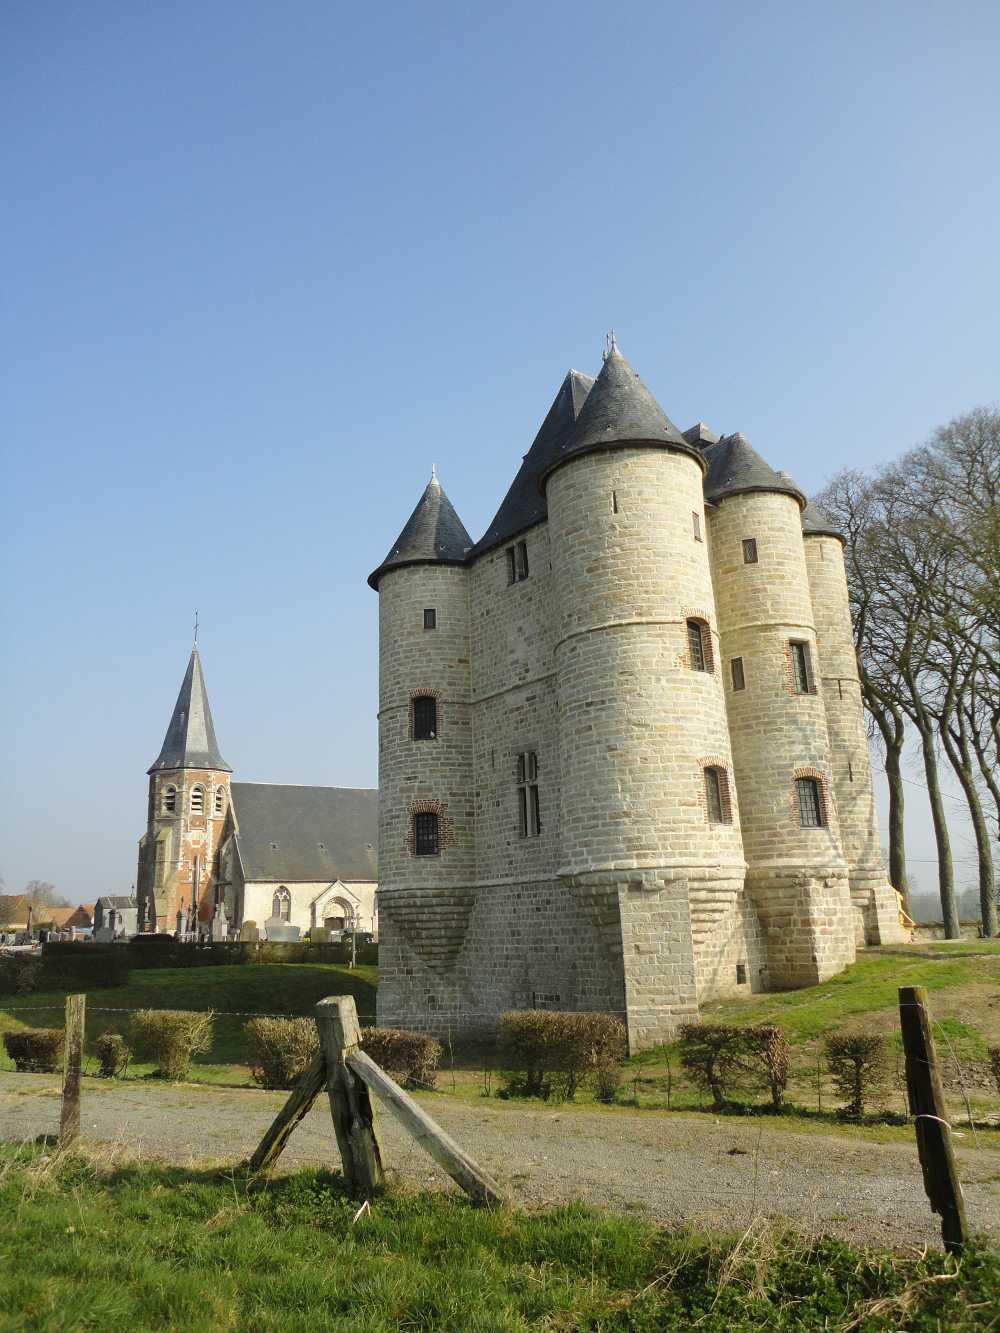 Photographie du donjon de Bours, tour médiéval du ternois